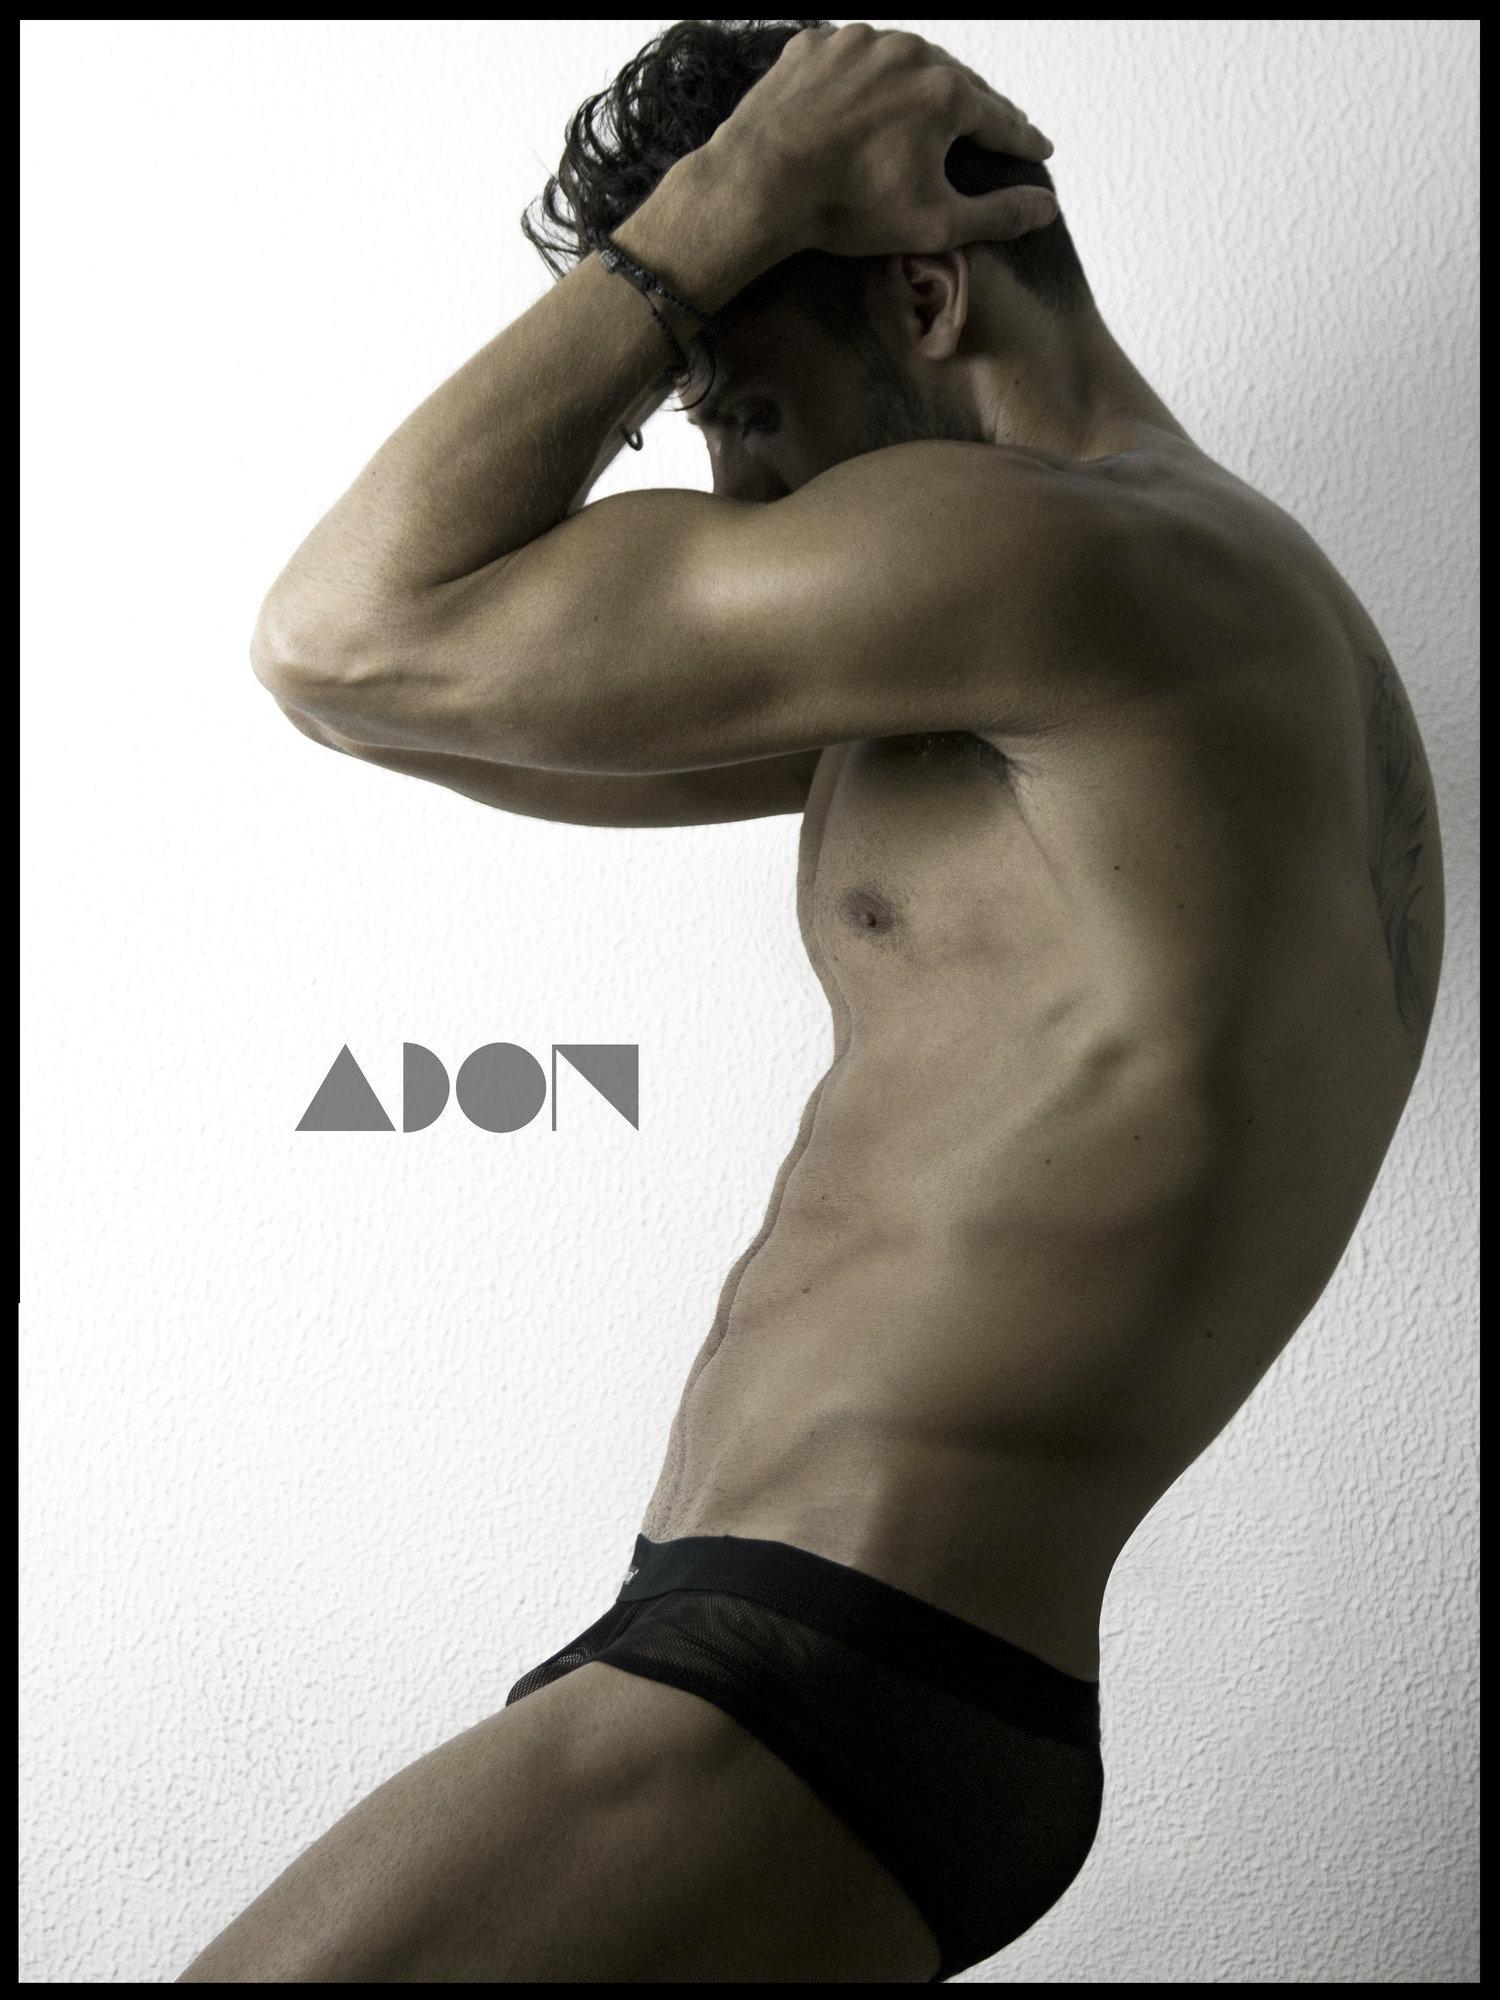 Adon Exclusive: Model Constantinos Vasou By Jay Logothetis